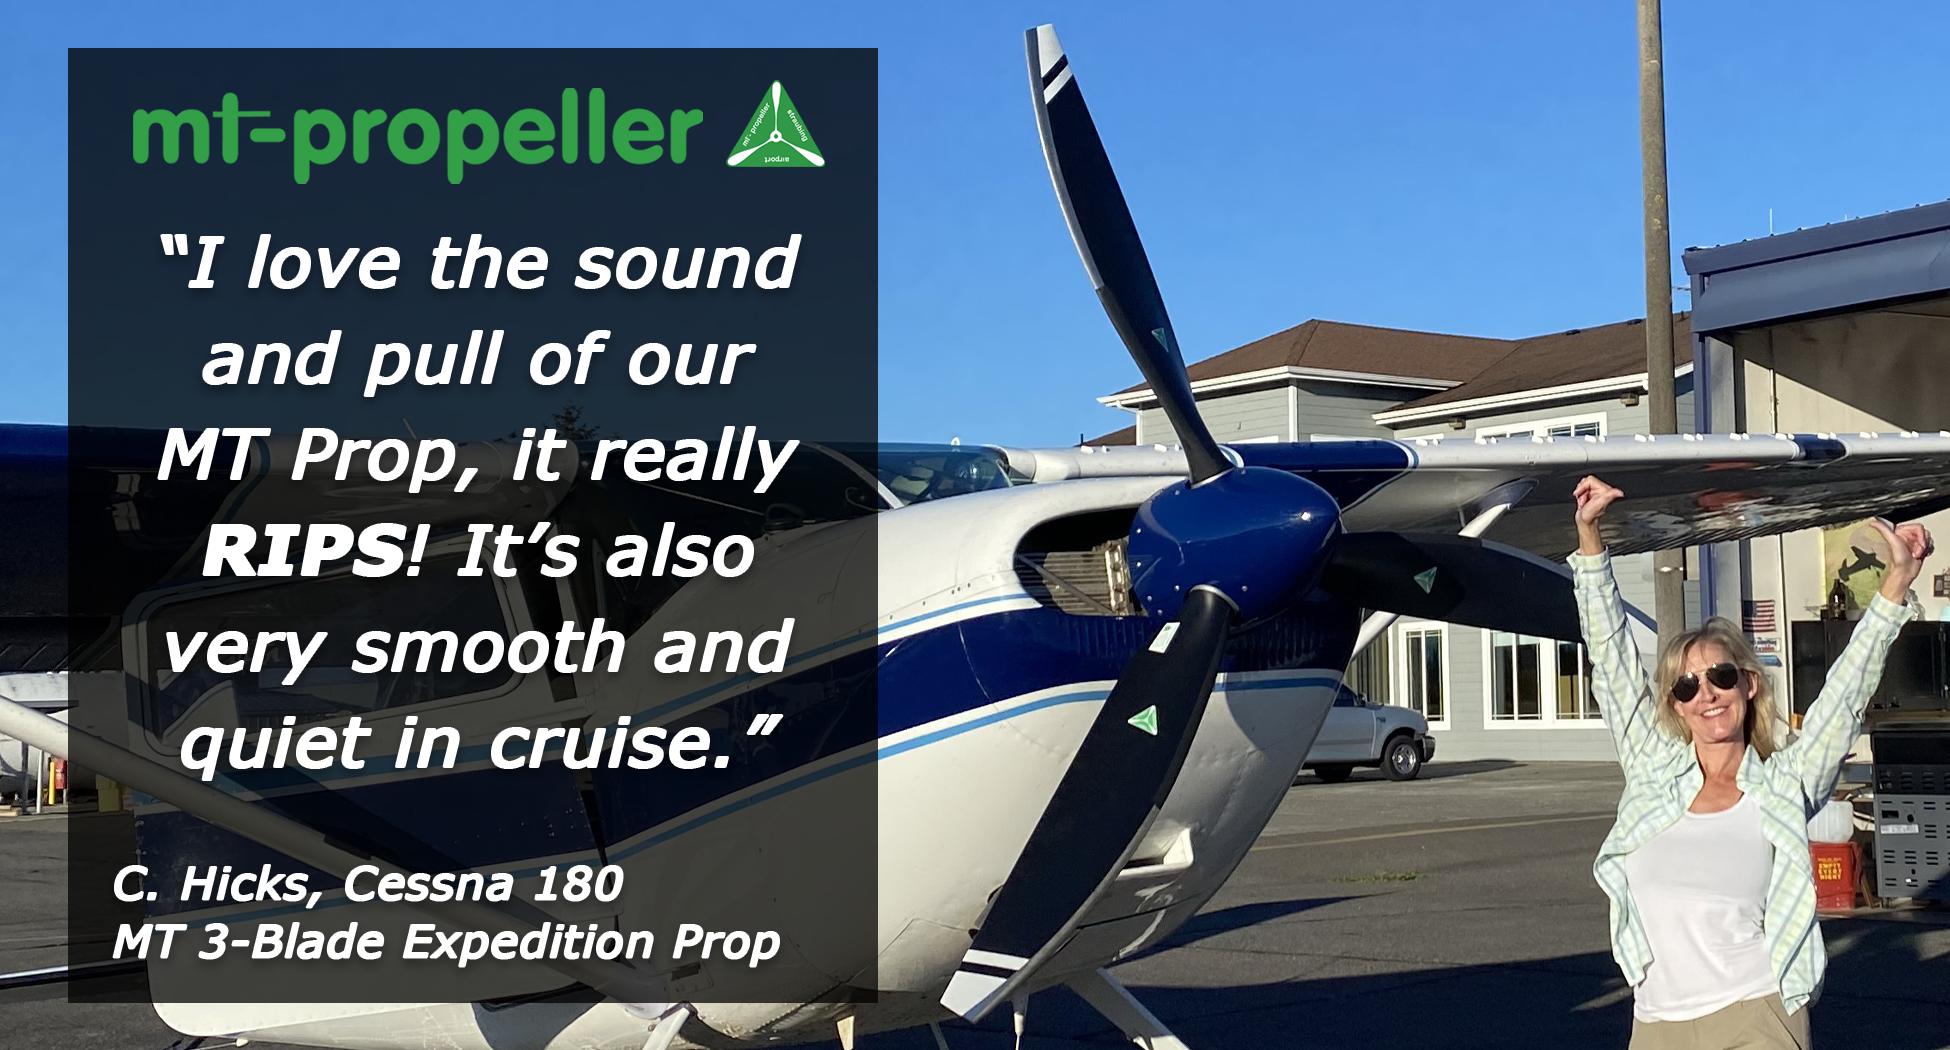 MT-Propeller